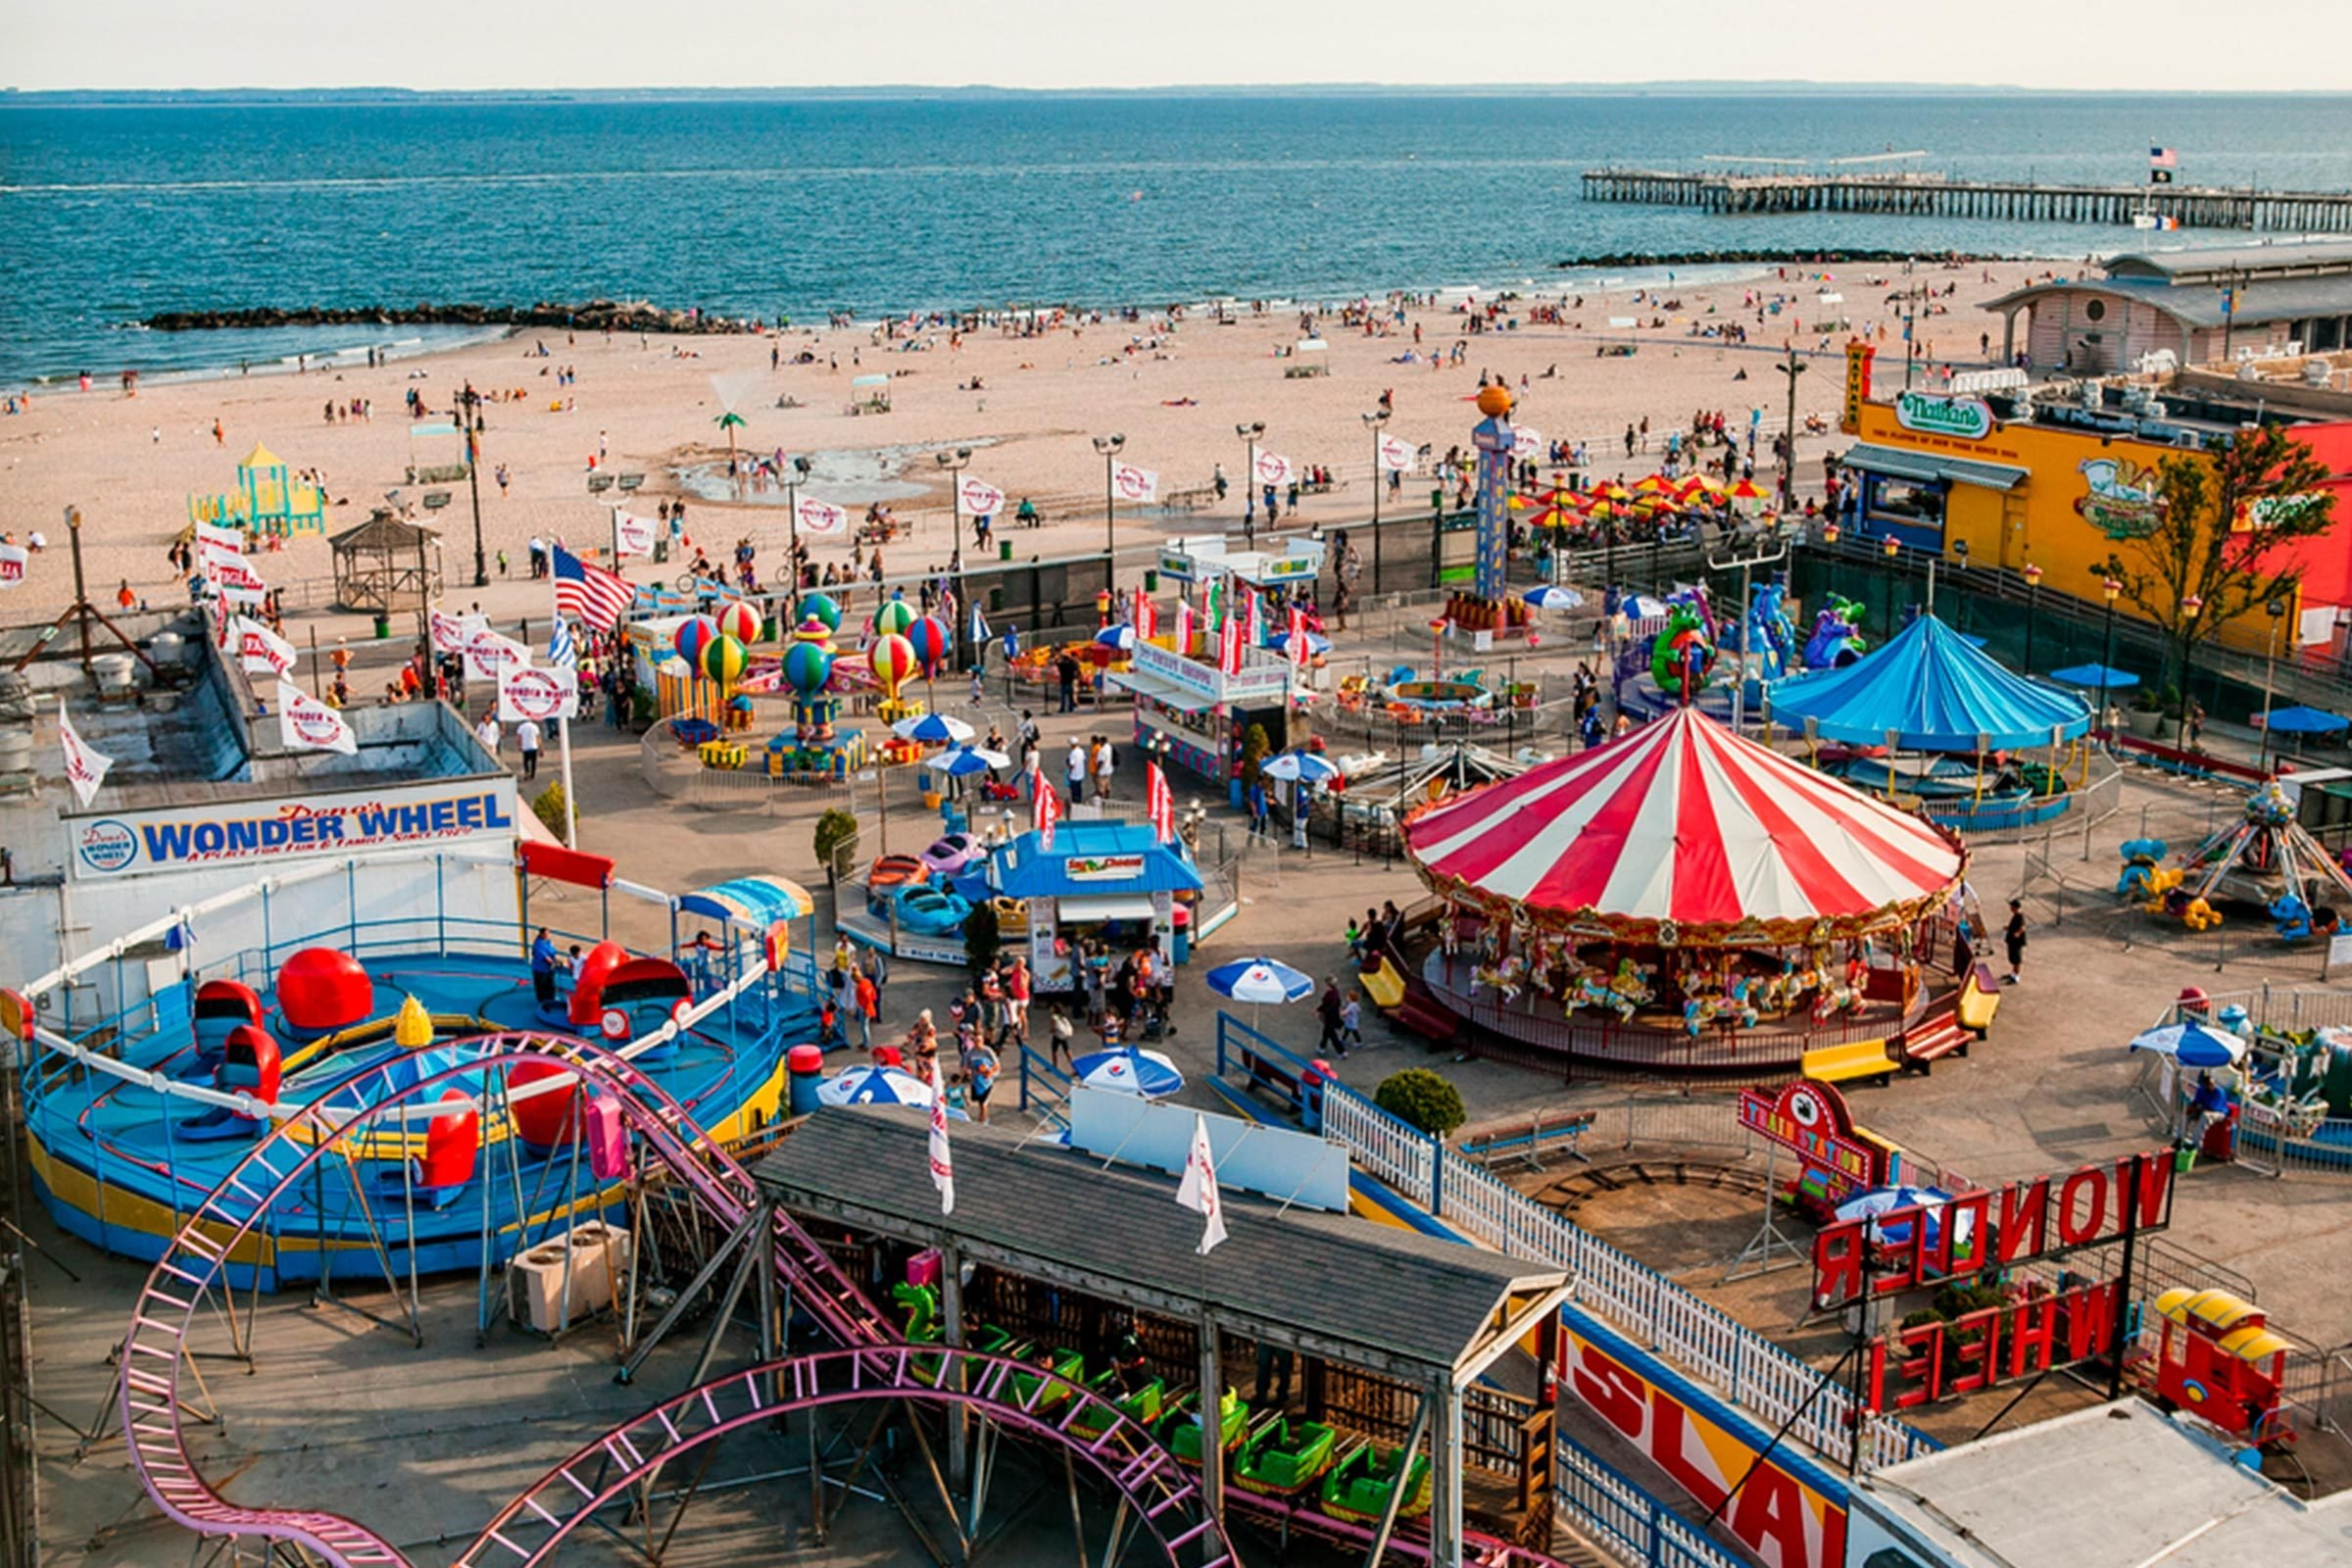 Coney Island Boardwalk